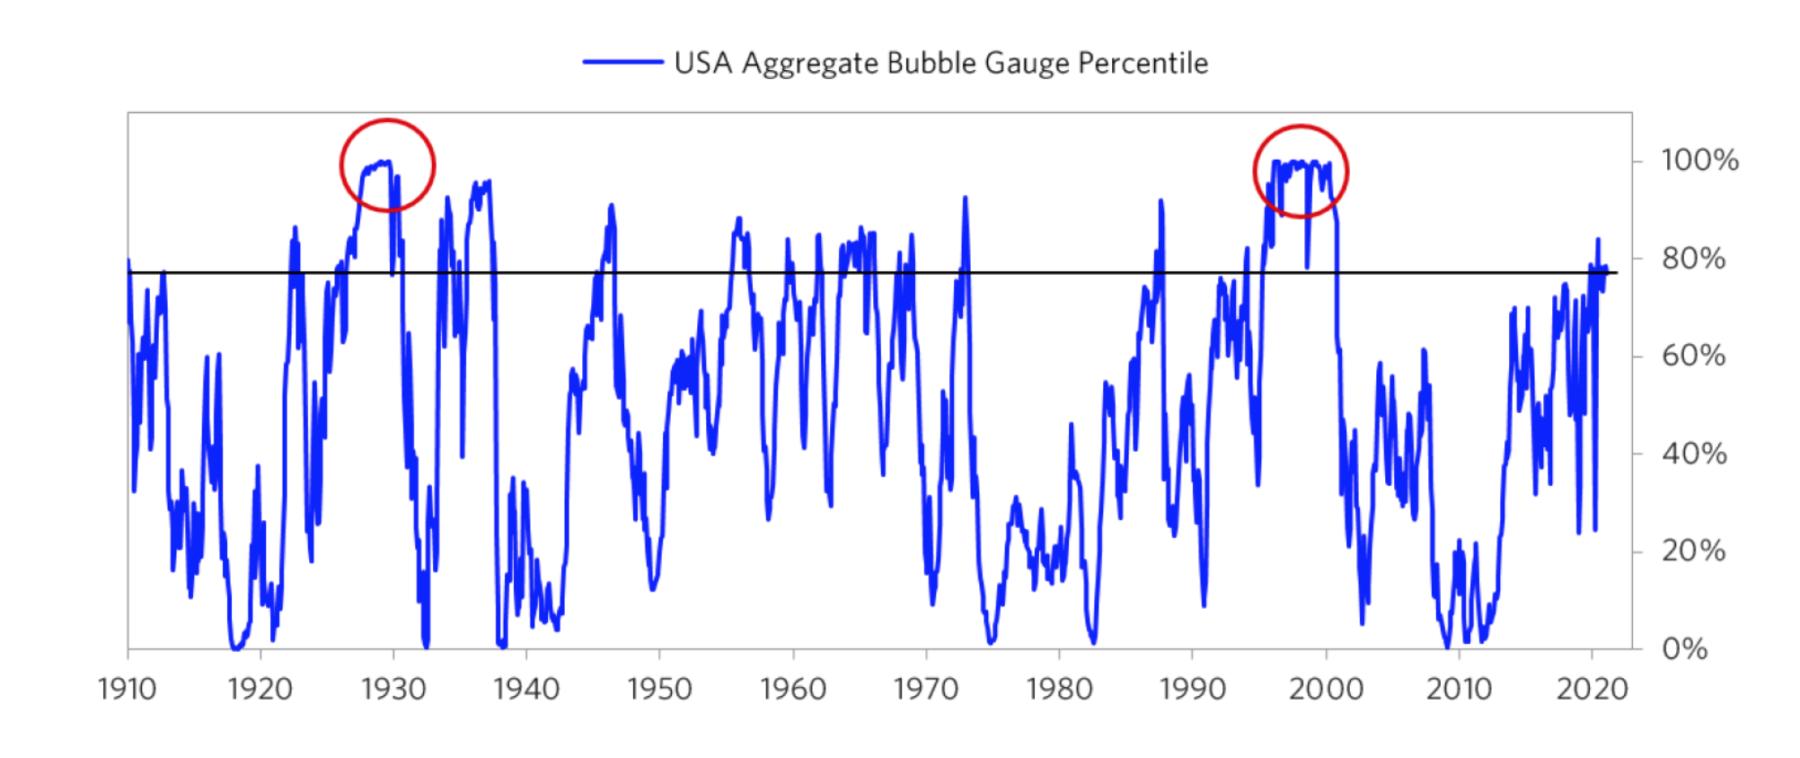 Dalio: How to Spot a Bubble 2